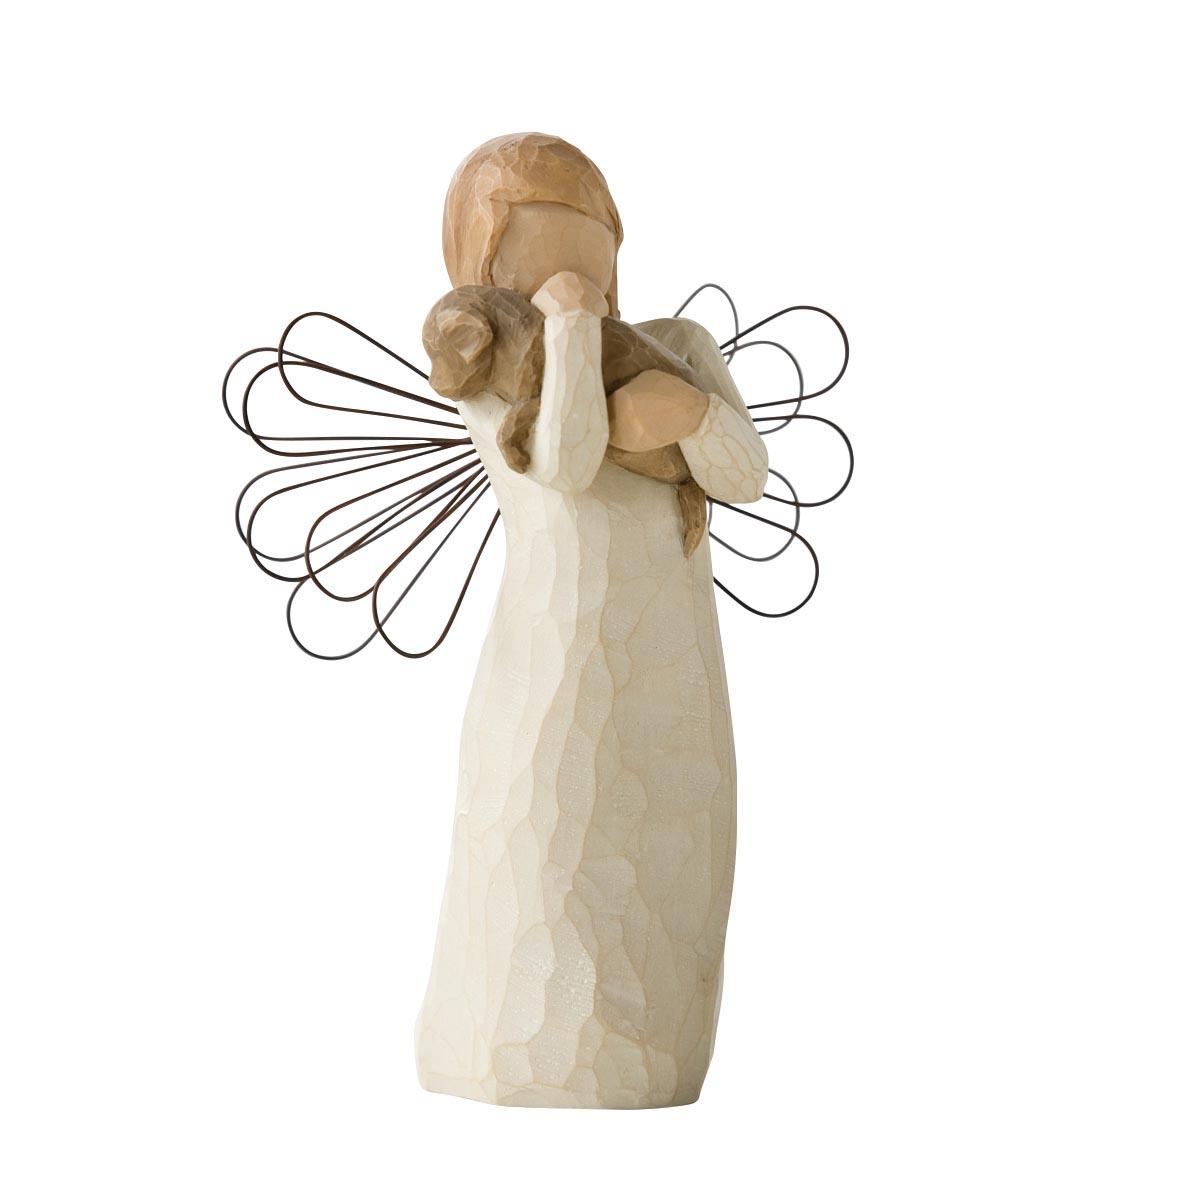 Angel of friendship /Freundschaft (26011)